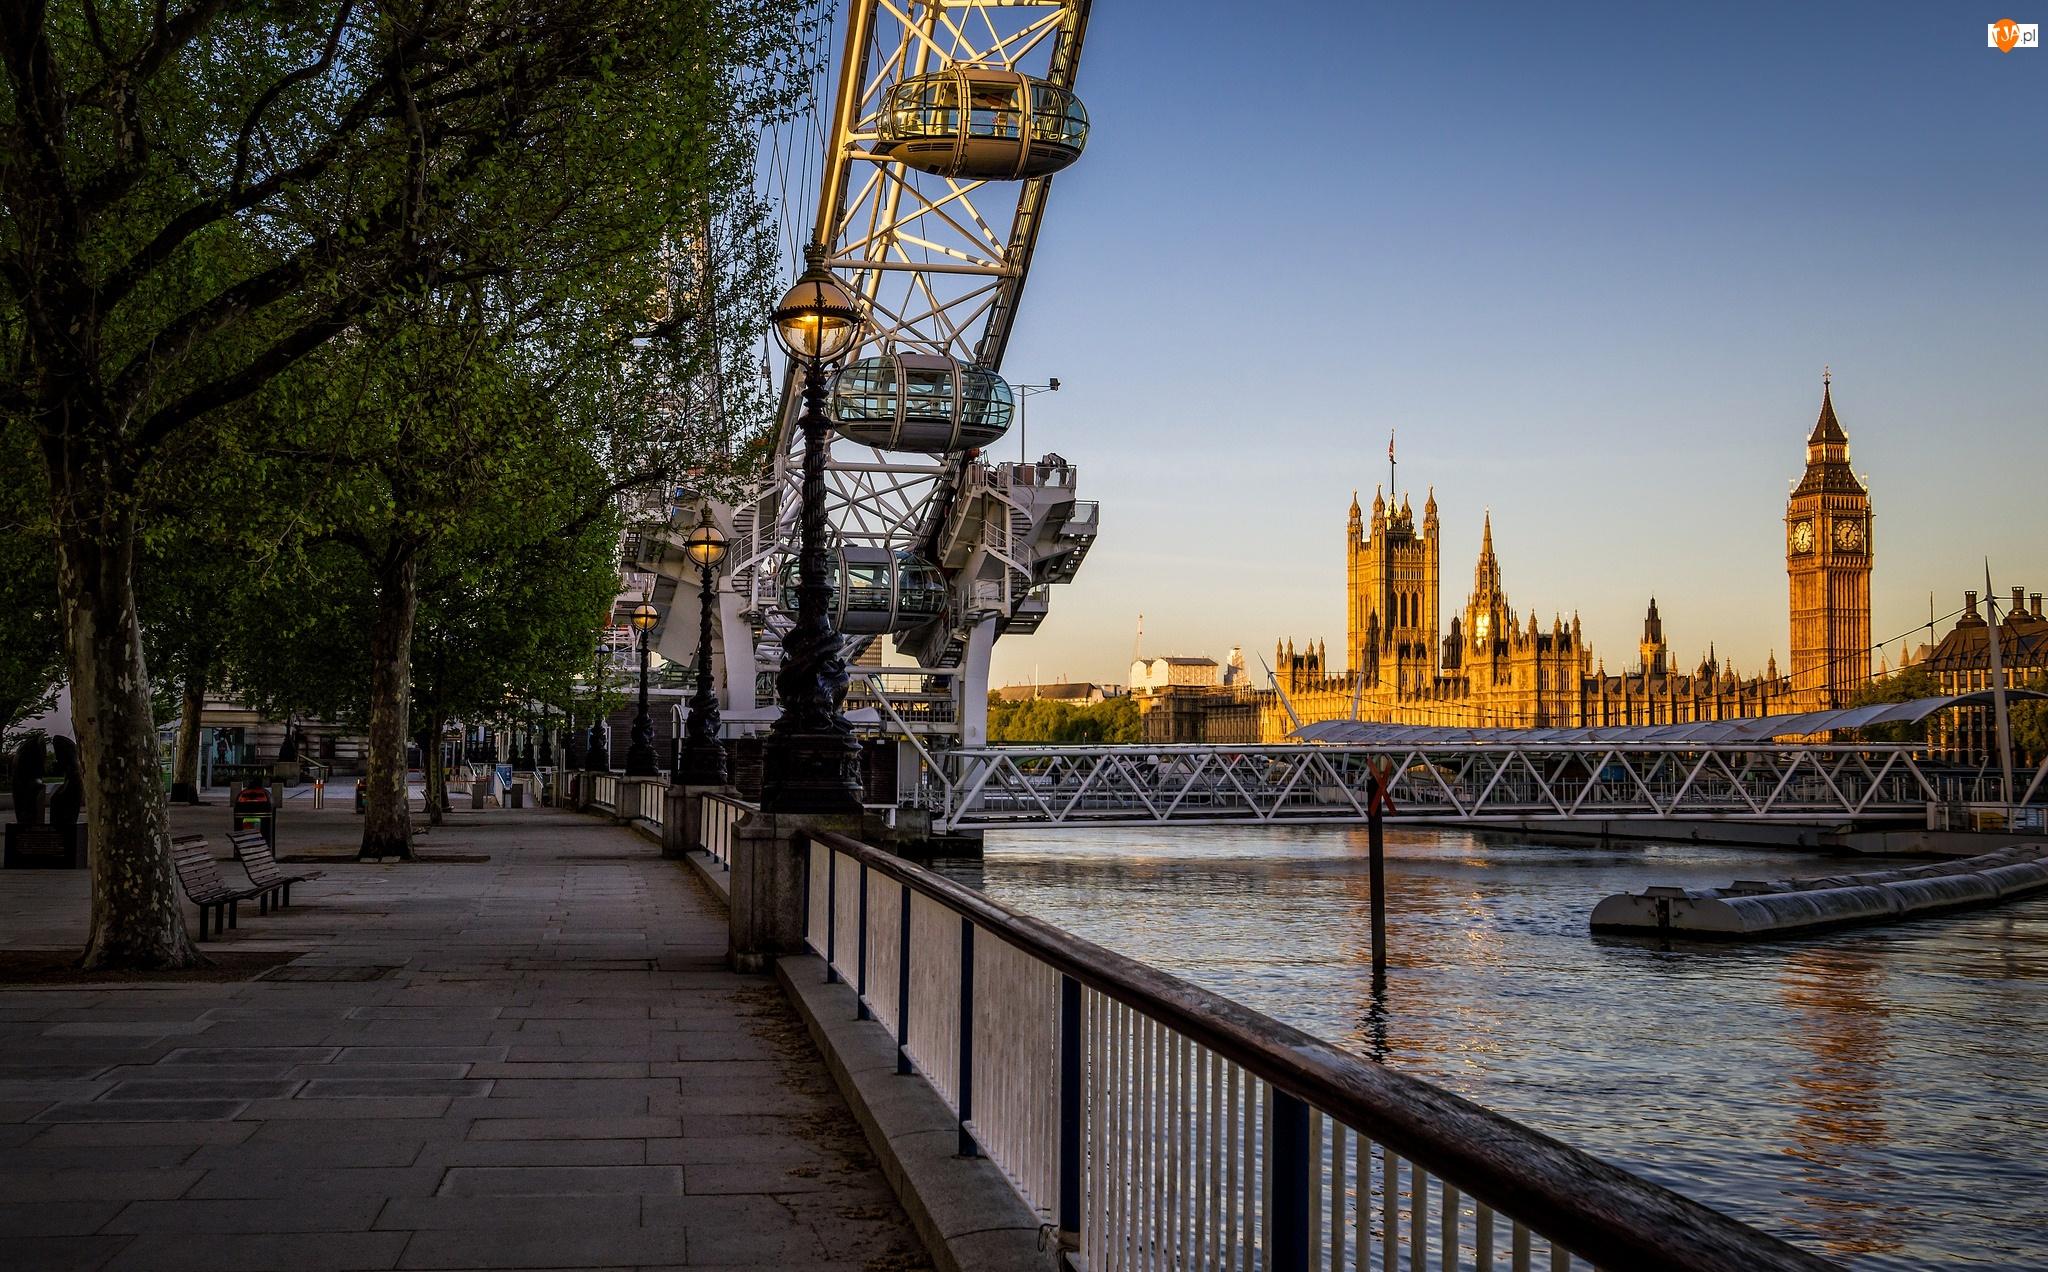 Big Ben, Bulwar, Londyn, Koło obserwacyjne, Anglia, London Eye, Pałac Westminsterski, Rzeka Tamiza